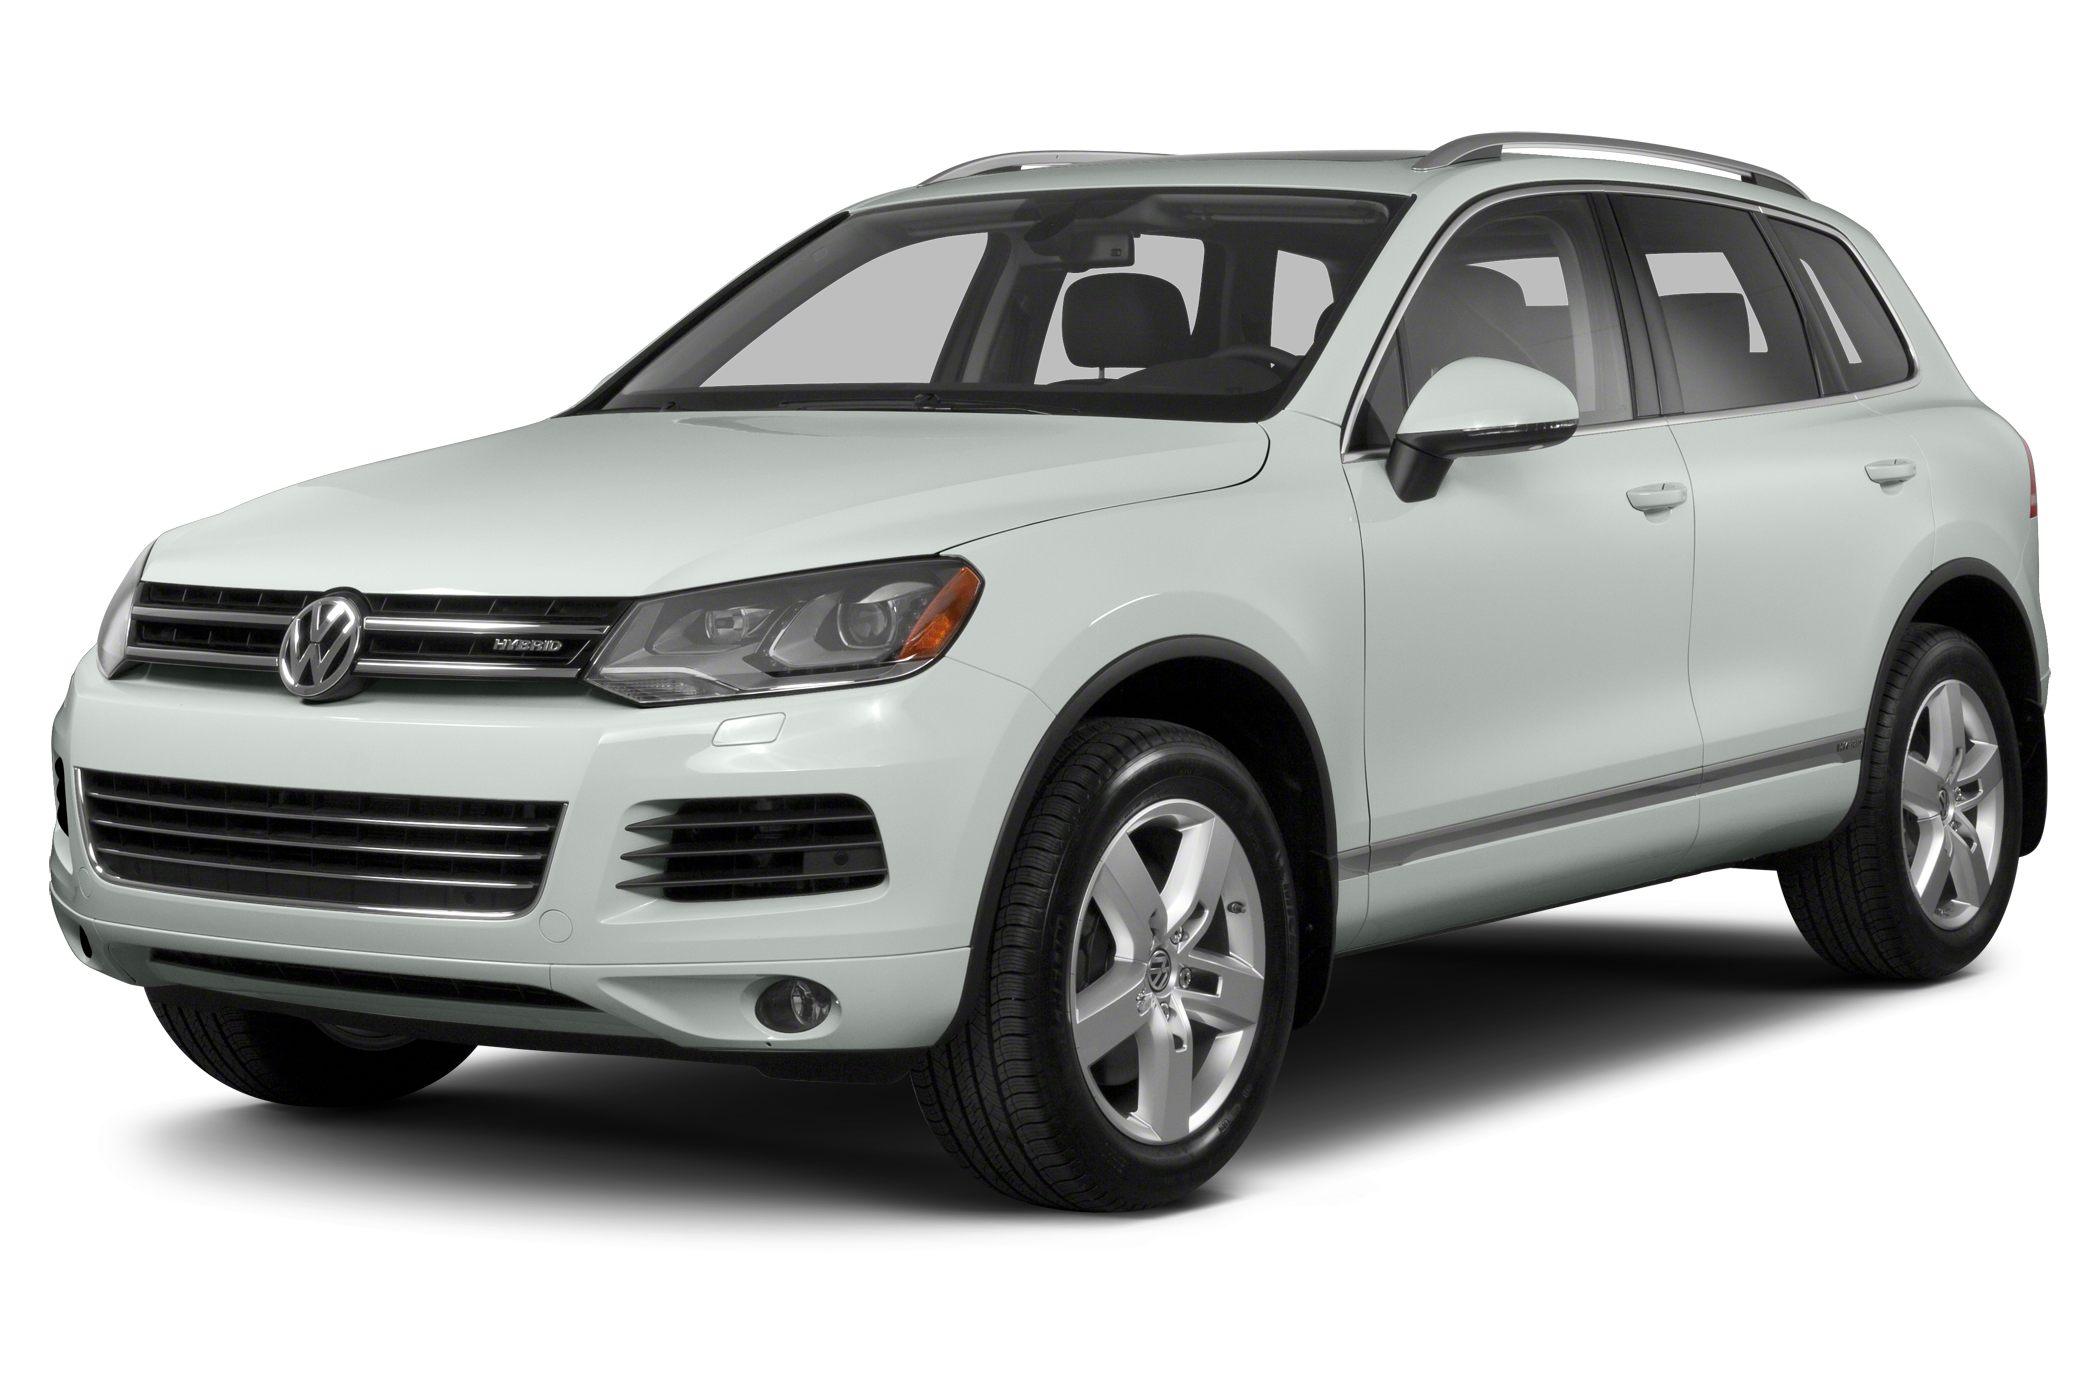 2013 Volkswagen Touareg Hybrid for Sale